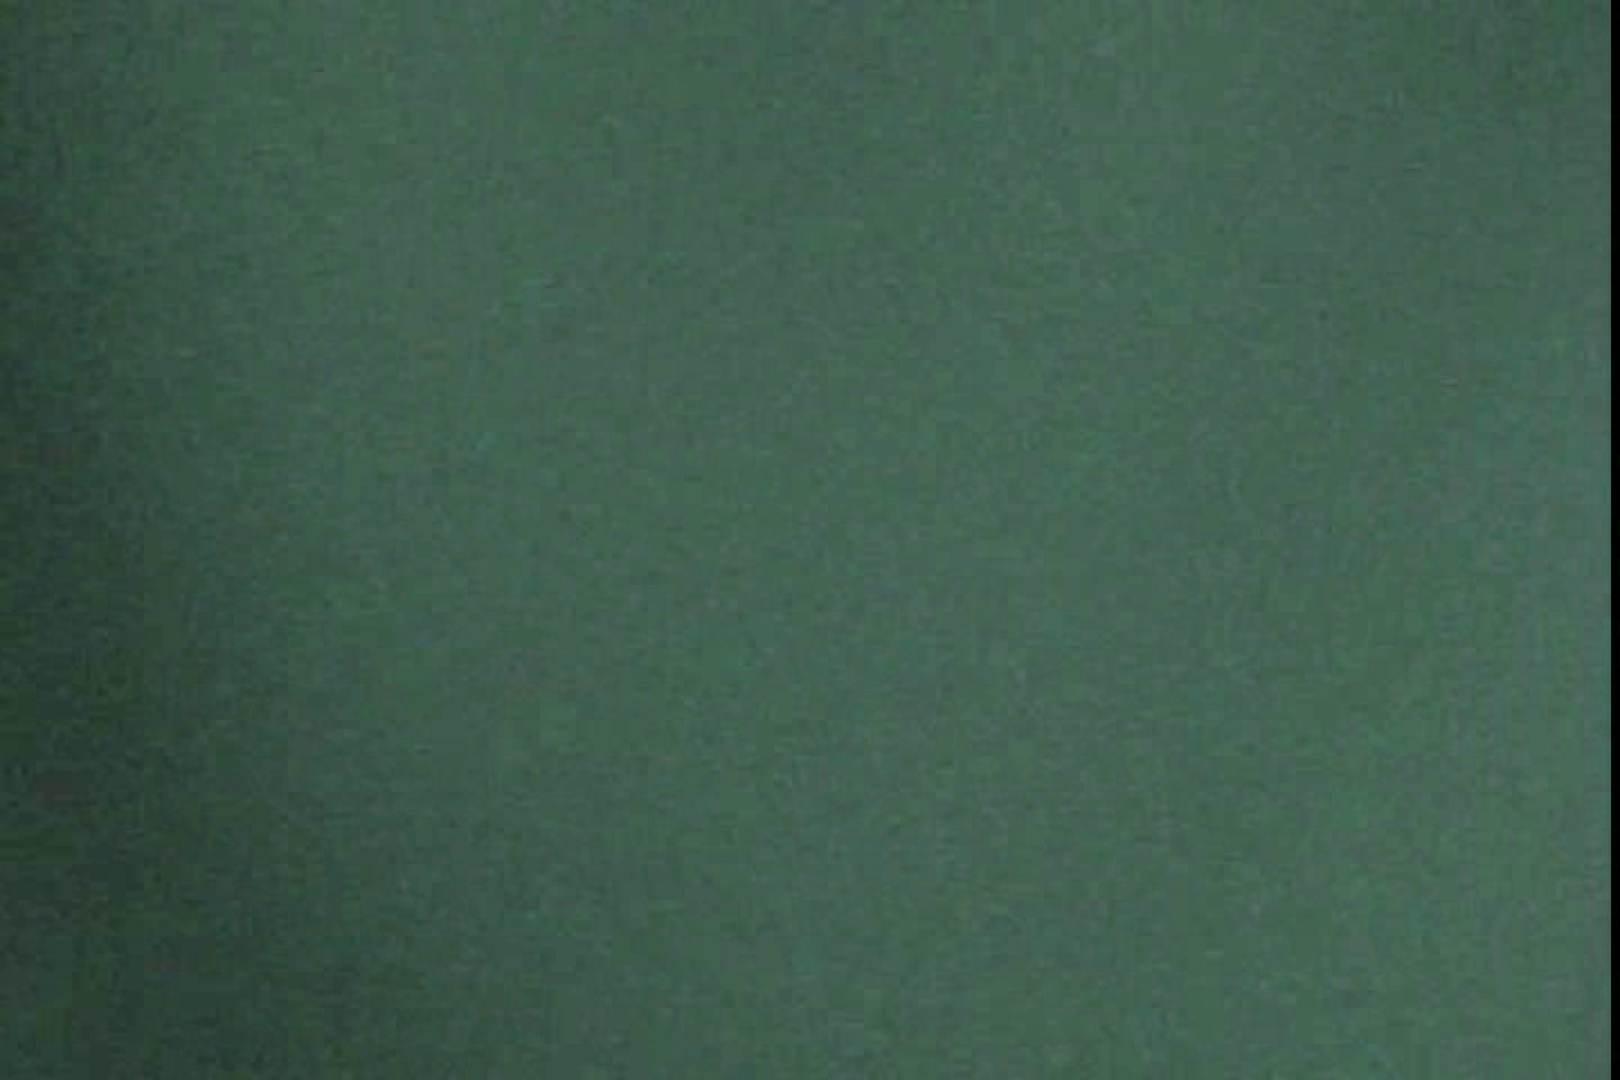 赤外線ムレスケバレー(汗) vol.05 赤外線  58連発 6